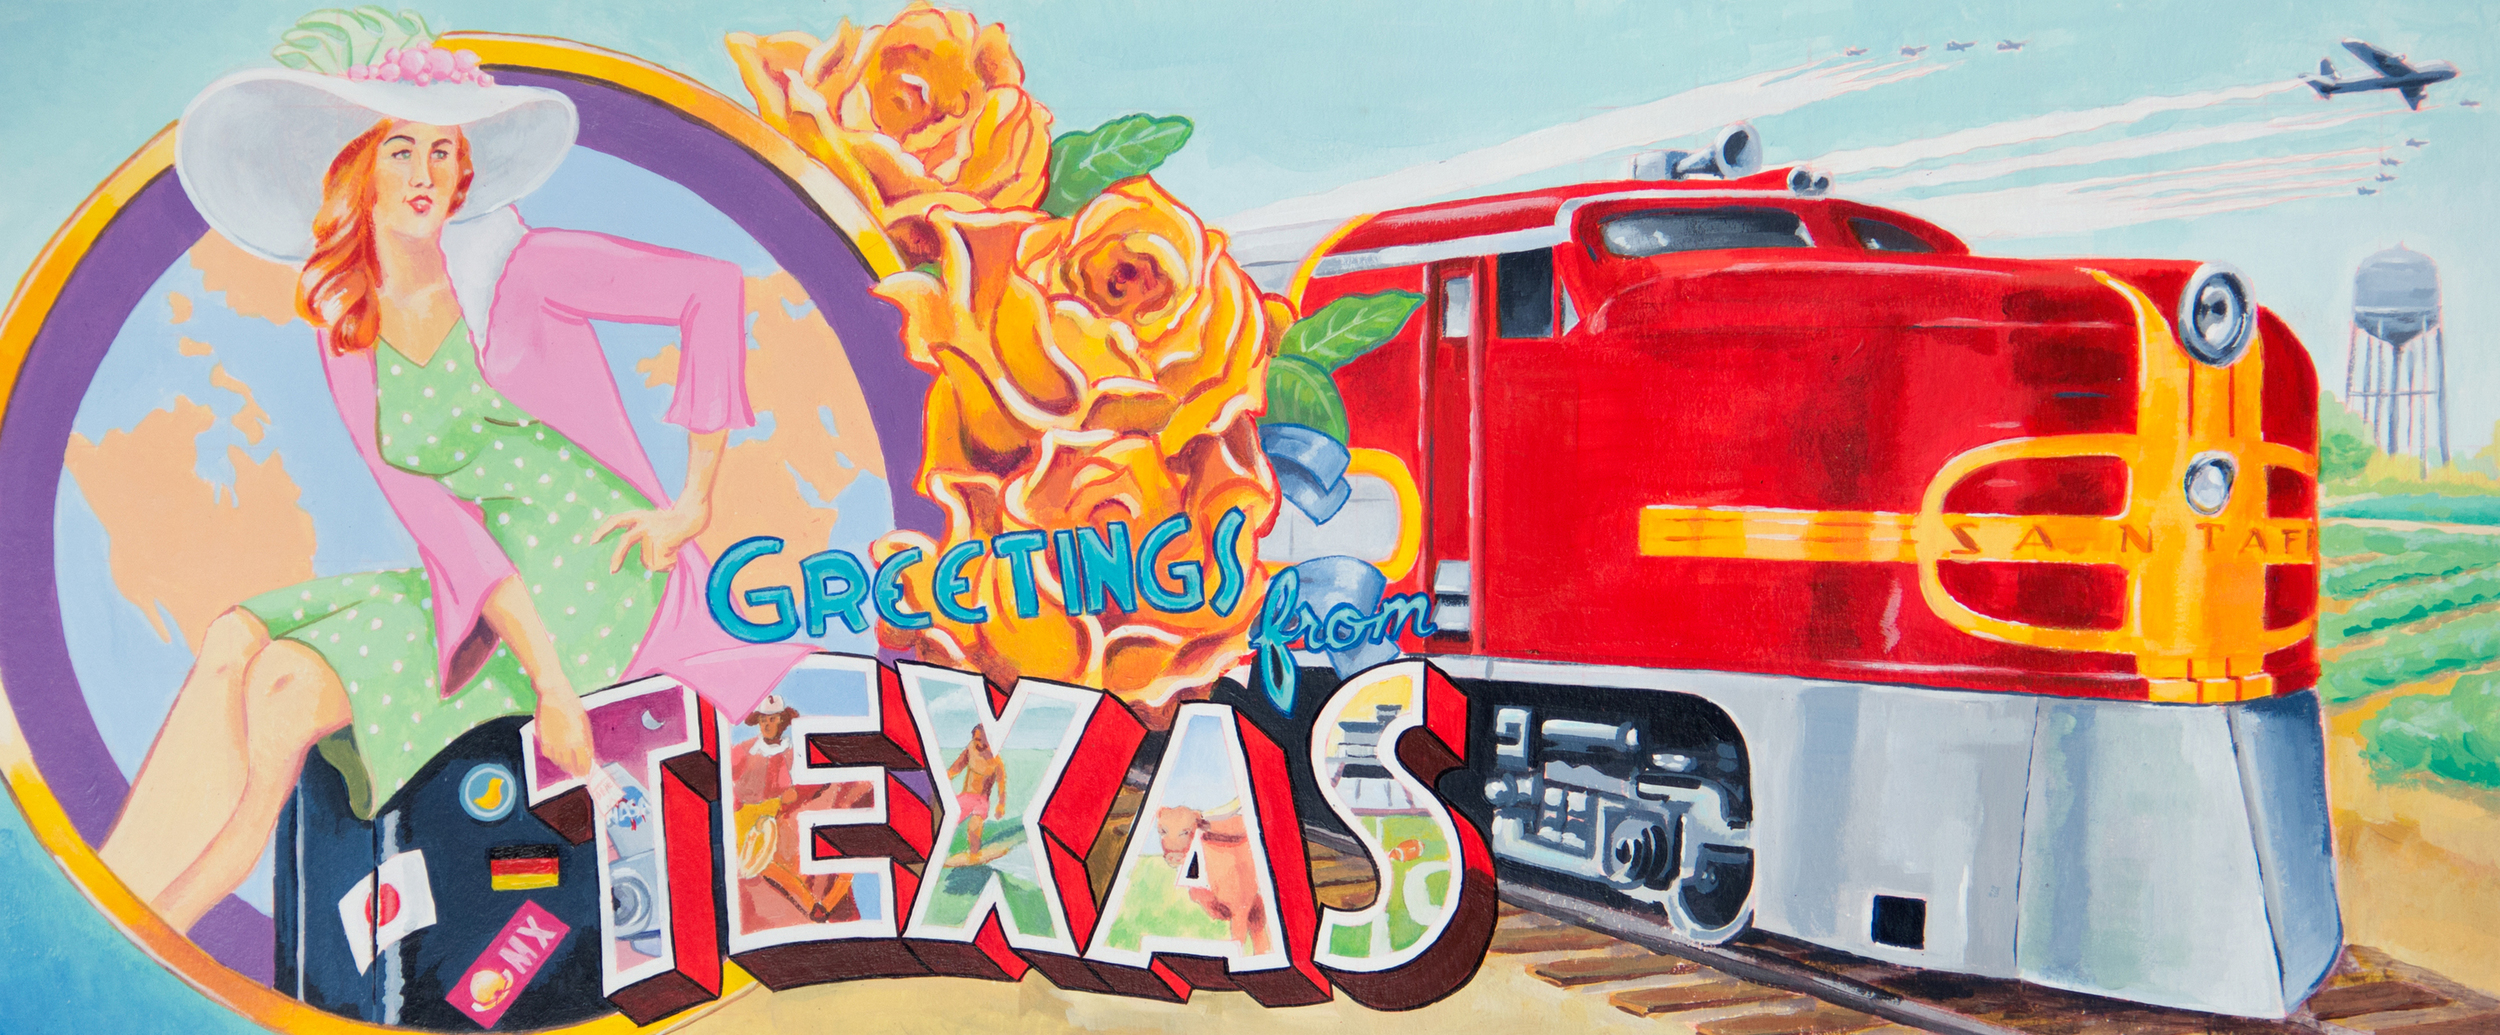 Greetings from Texas.jpg